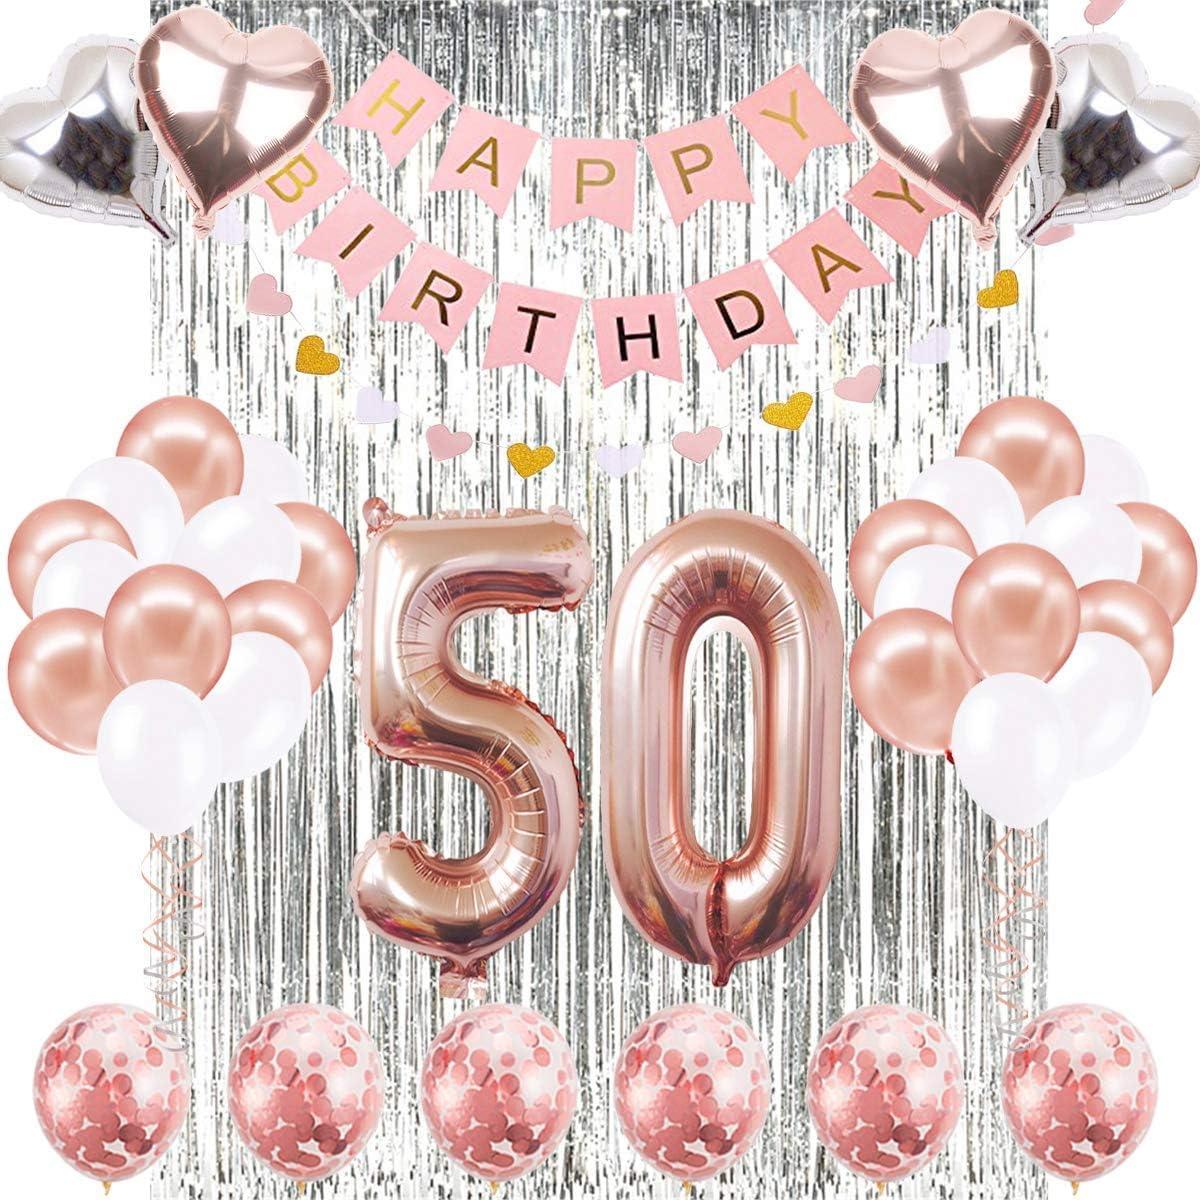 Decoraciones de Cumpleaños Número 50 Banner Globo Decoraciones de Cumpleaños Número 50 Artículos de Fiesta Regalos Para Mujeres Globos Número 50 de Oro Rosa, Globos de Confeti de Oro Rosa